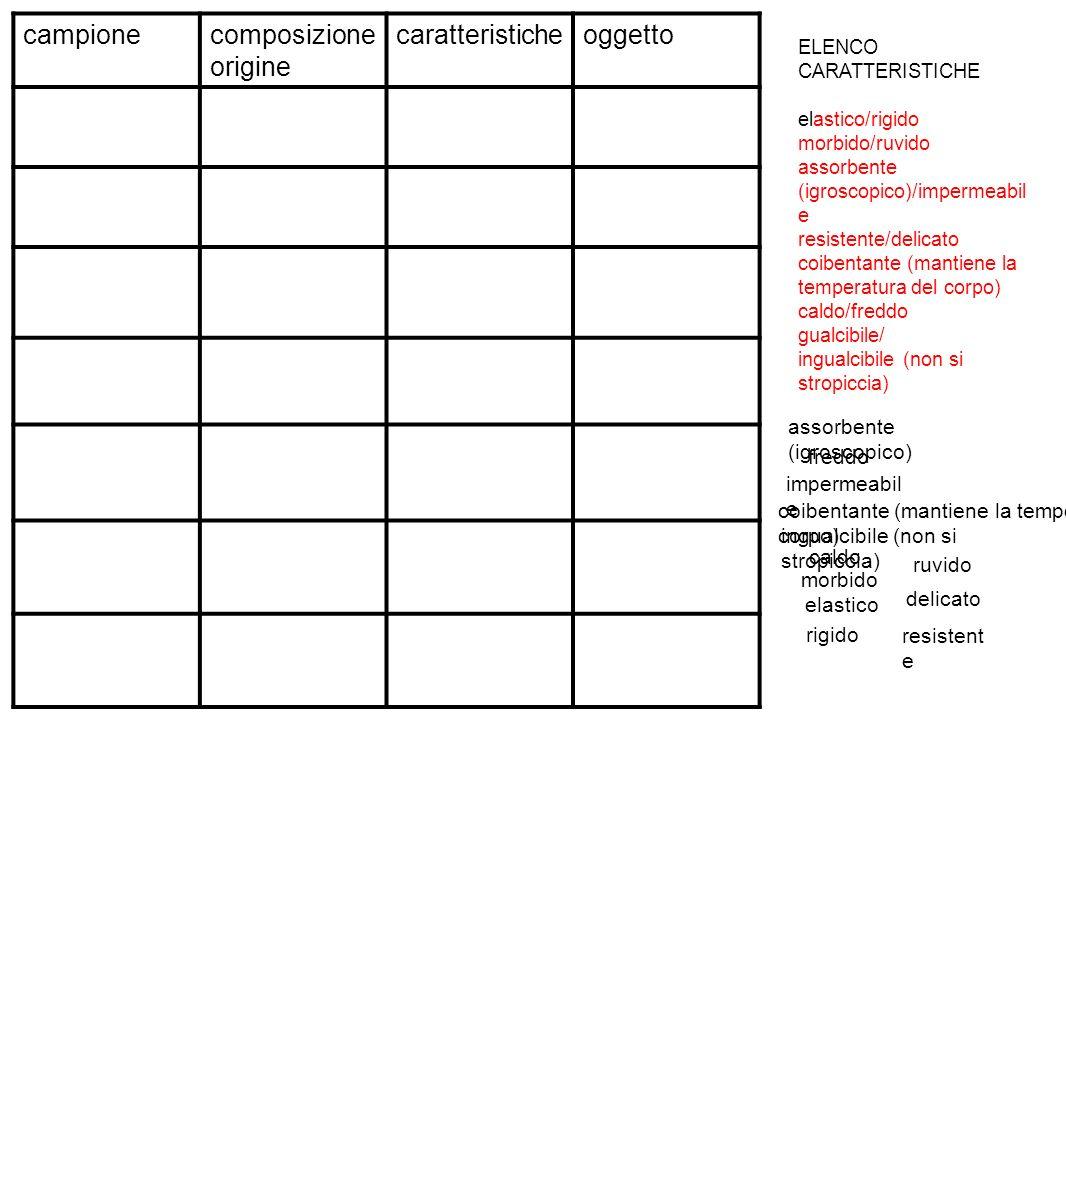 incolla un etichetta sul quaderno e, utilizzando la tabella, descrivi come deve essere fatta la manutenzione del tessuto a cui è applicata